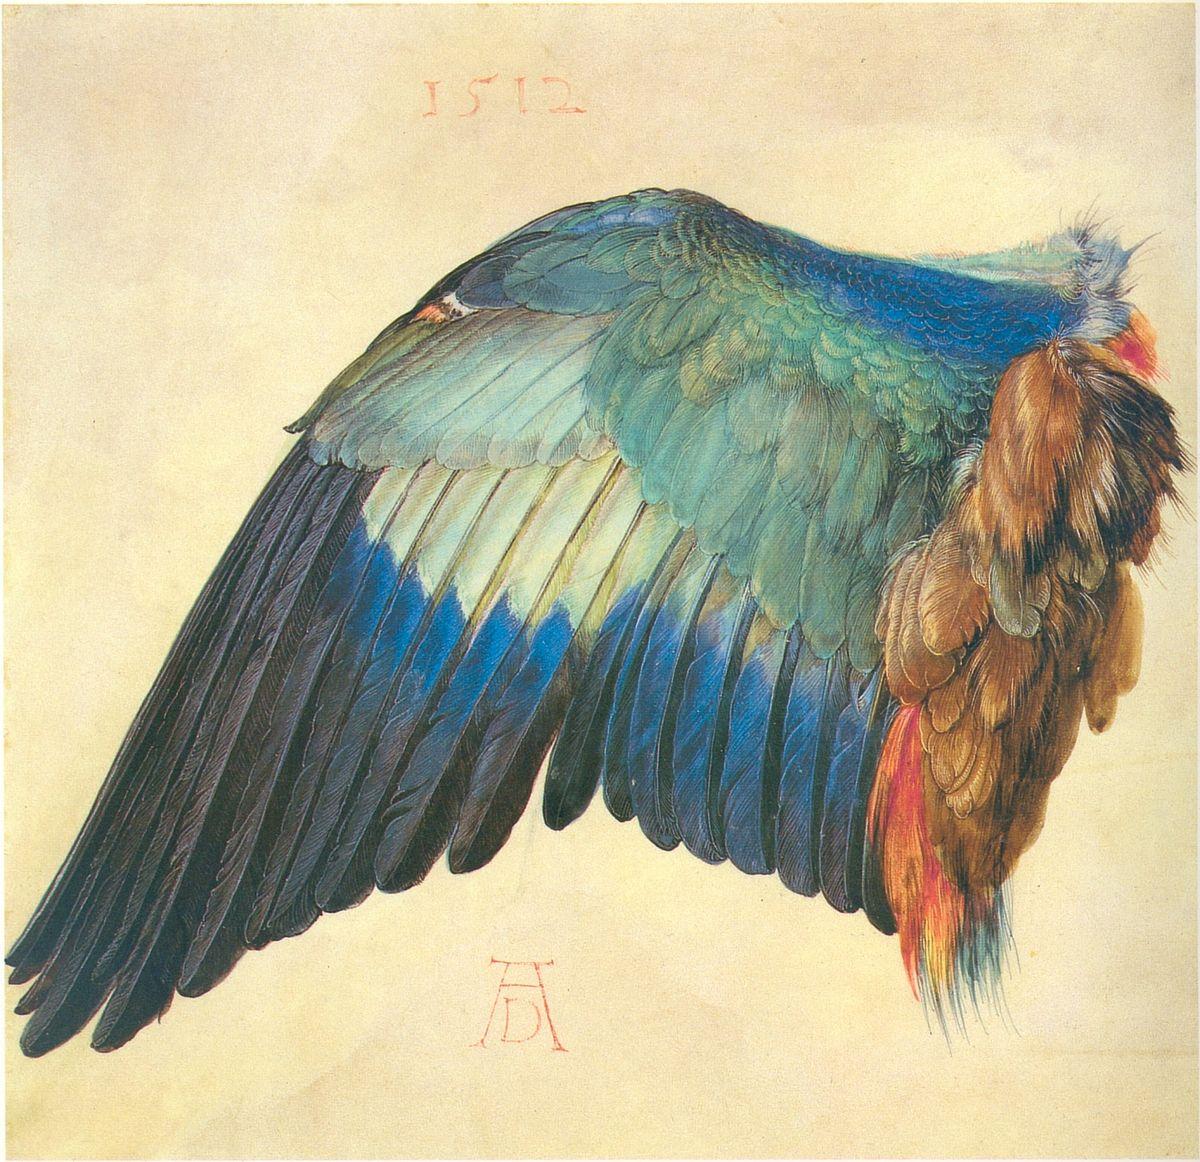 Ala (zoología) - Wikipedia, la enciclopedia libre